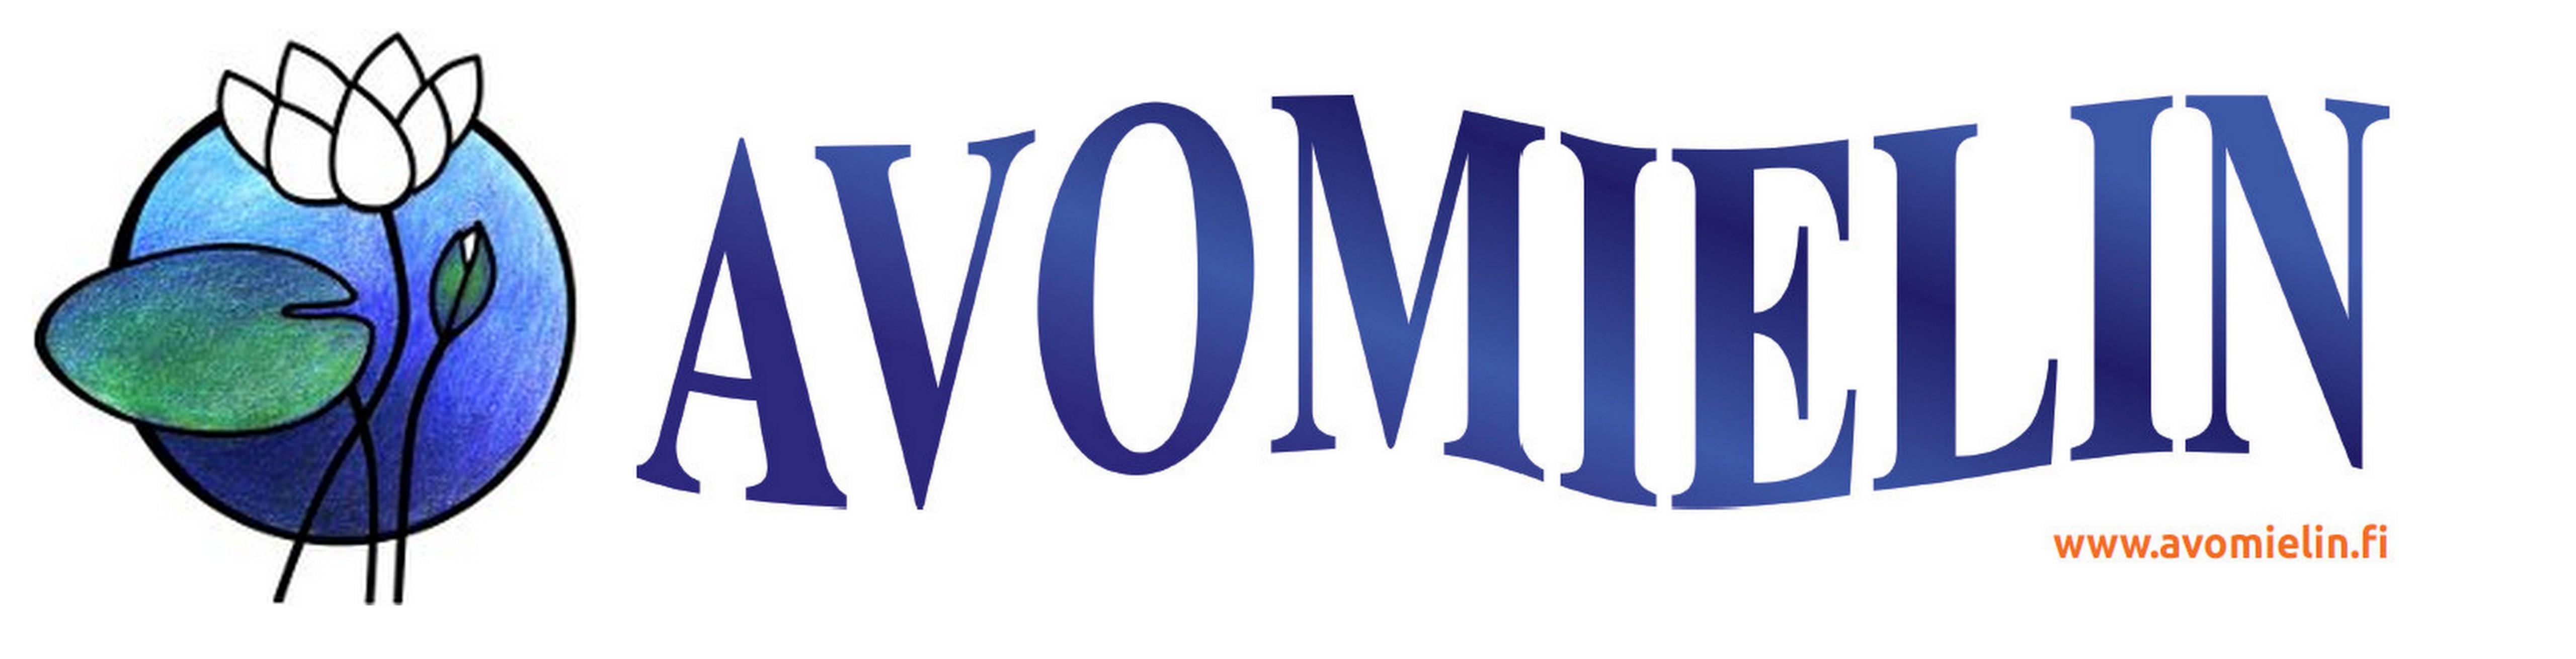 Avomielin logo